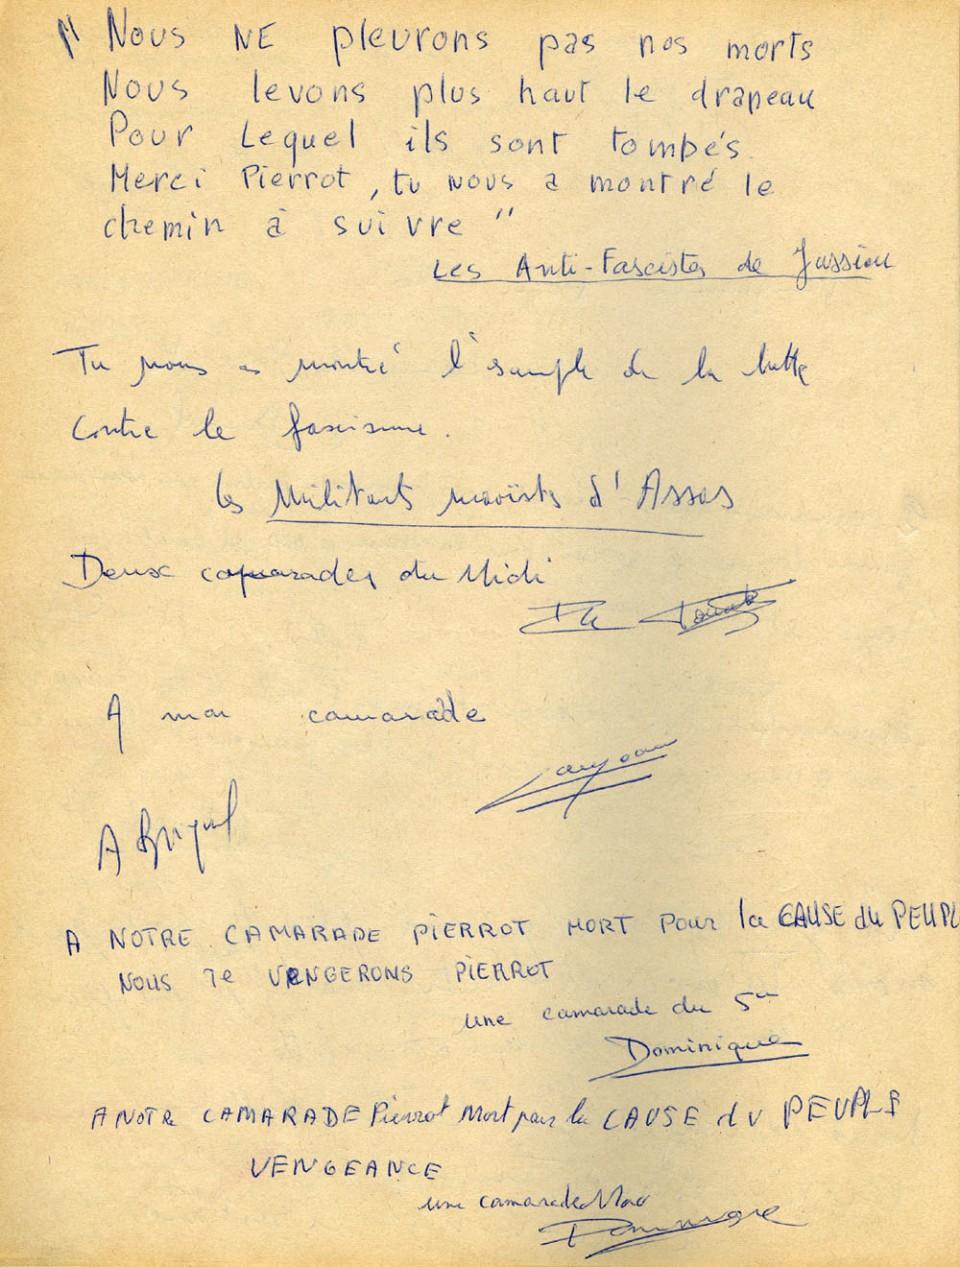 Page du livre d'or pour l'enterrement de Pierre Overney (4 mars 1972)